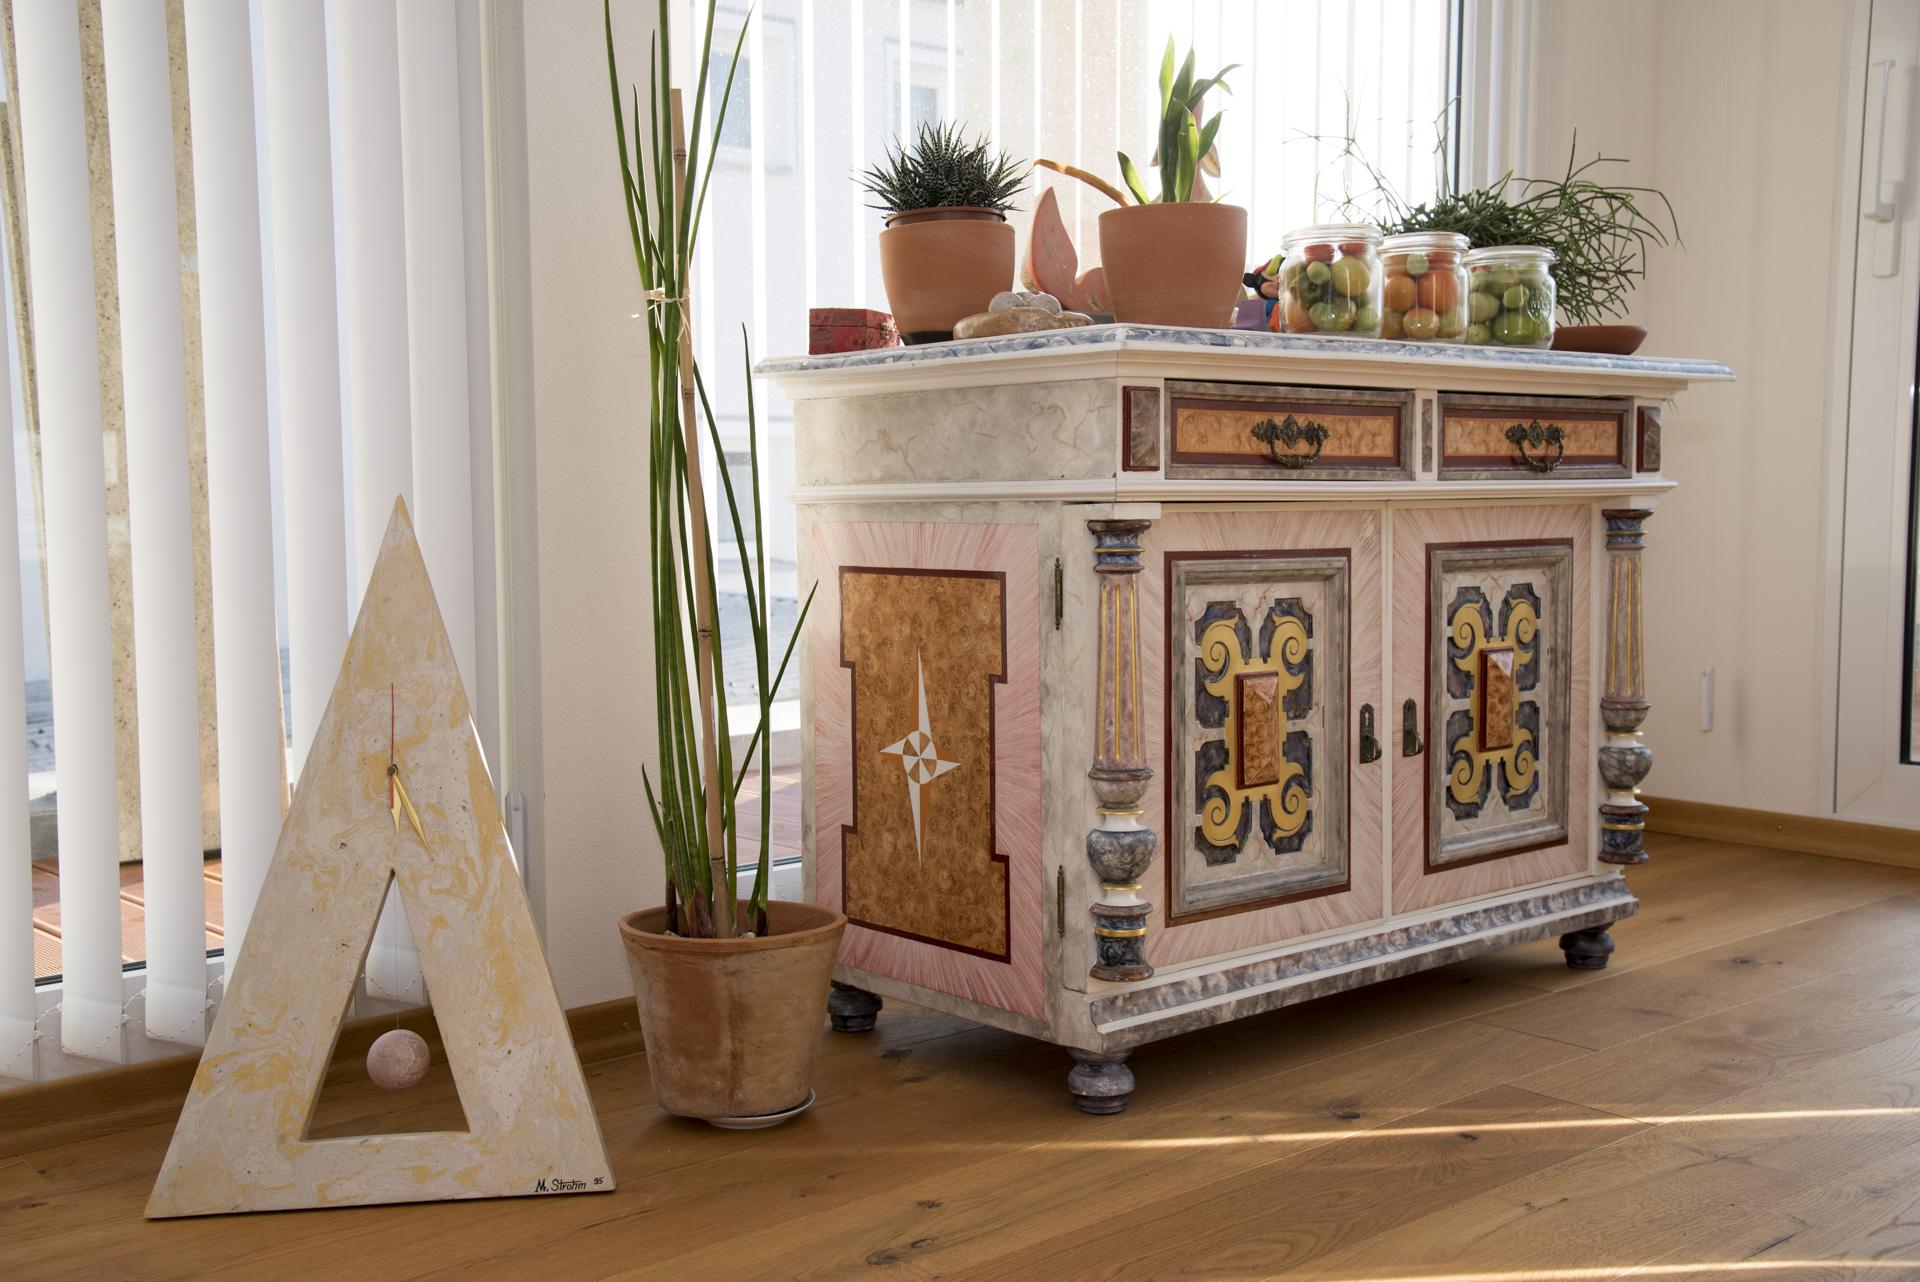 Möbelrestauration möbelrestauration maler strohm laichingen